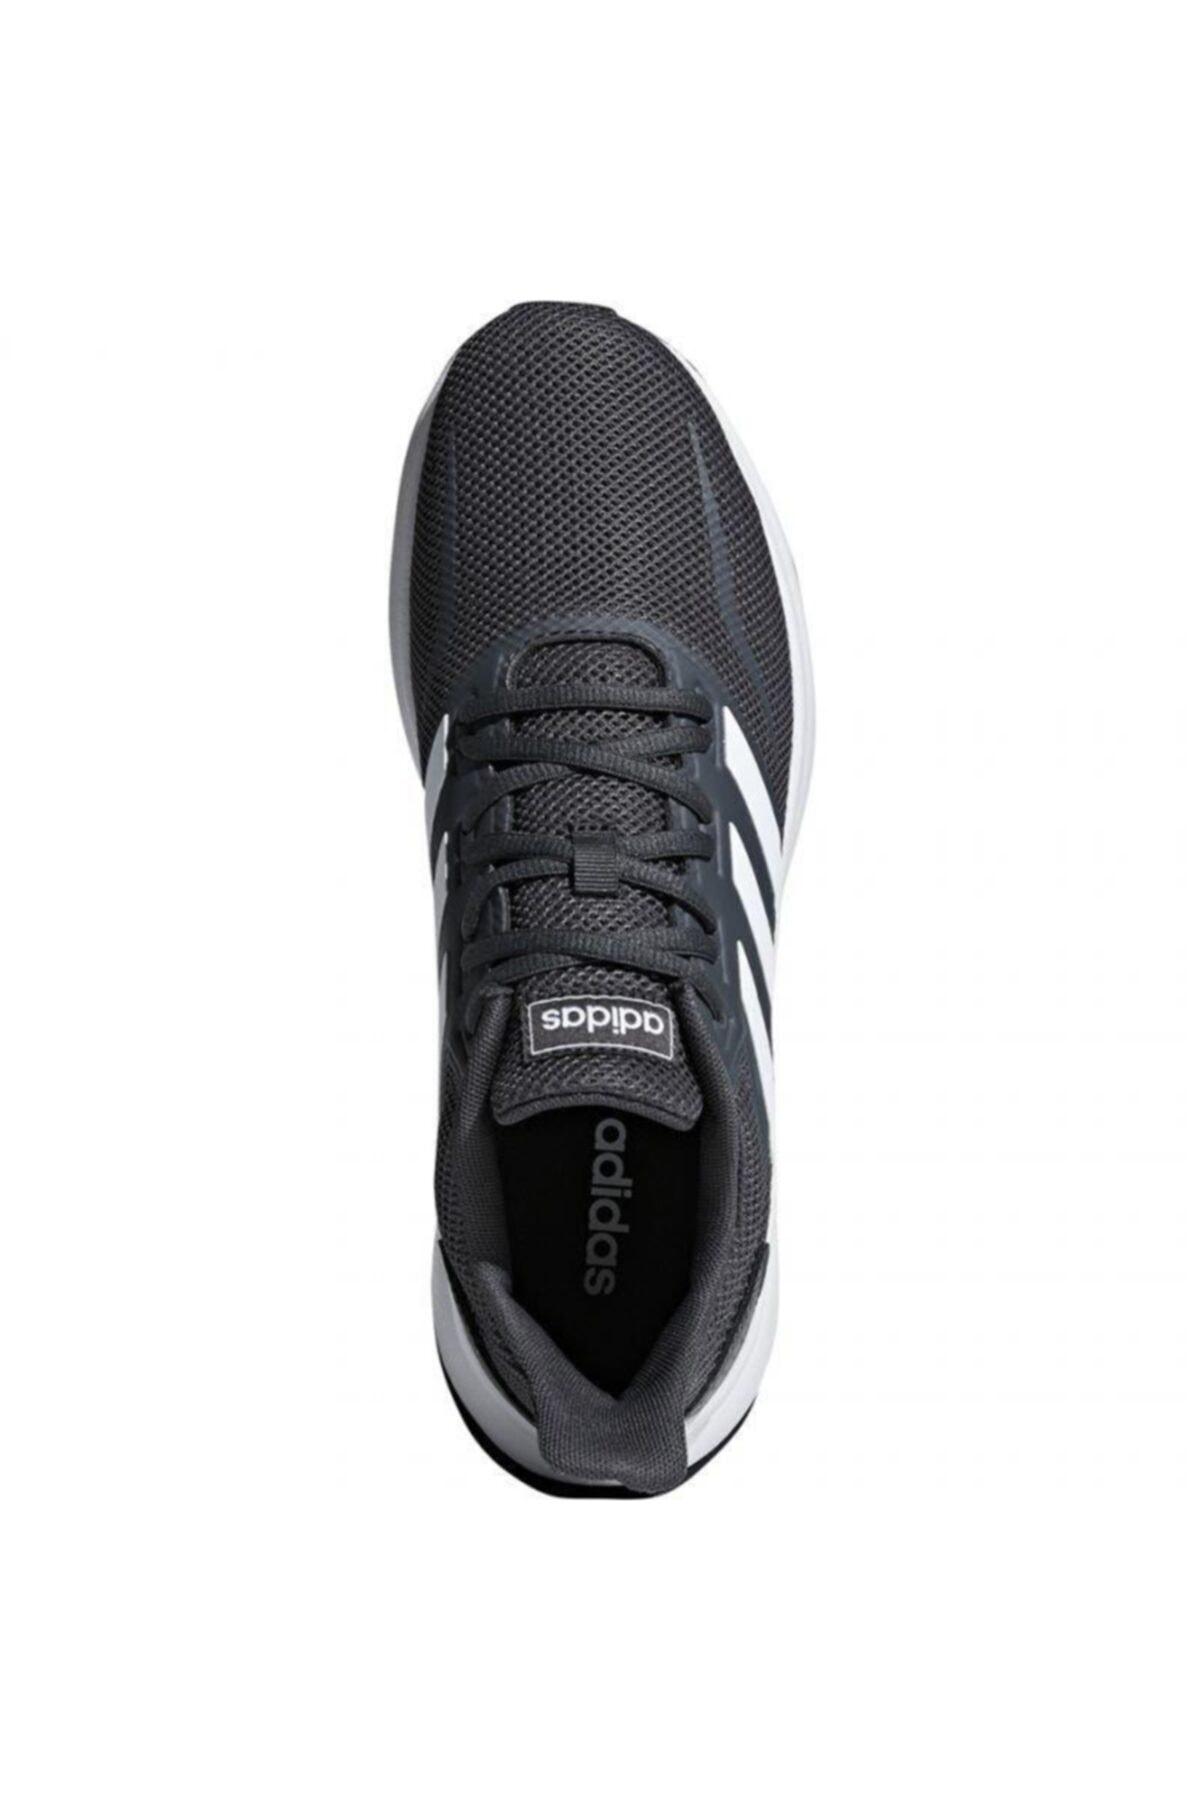 adidas F36200 Gri Erkek Koşu Ayakkabısı 100403635 2